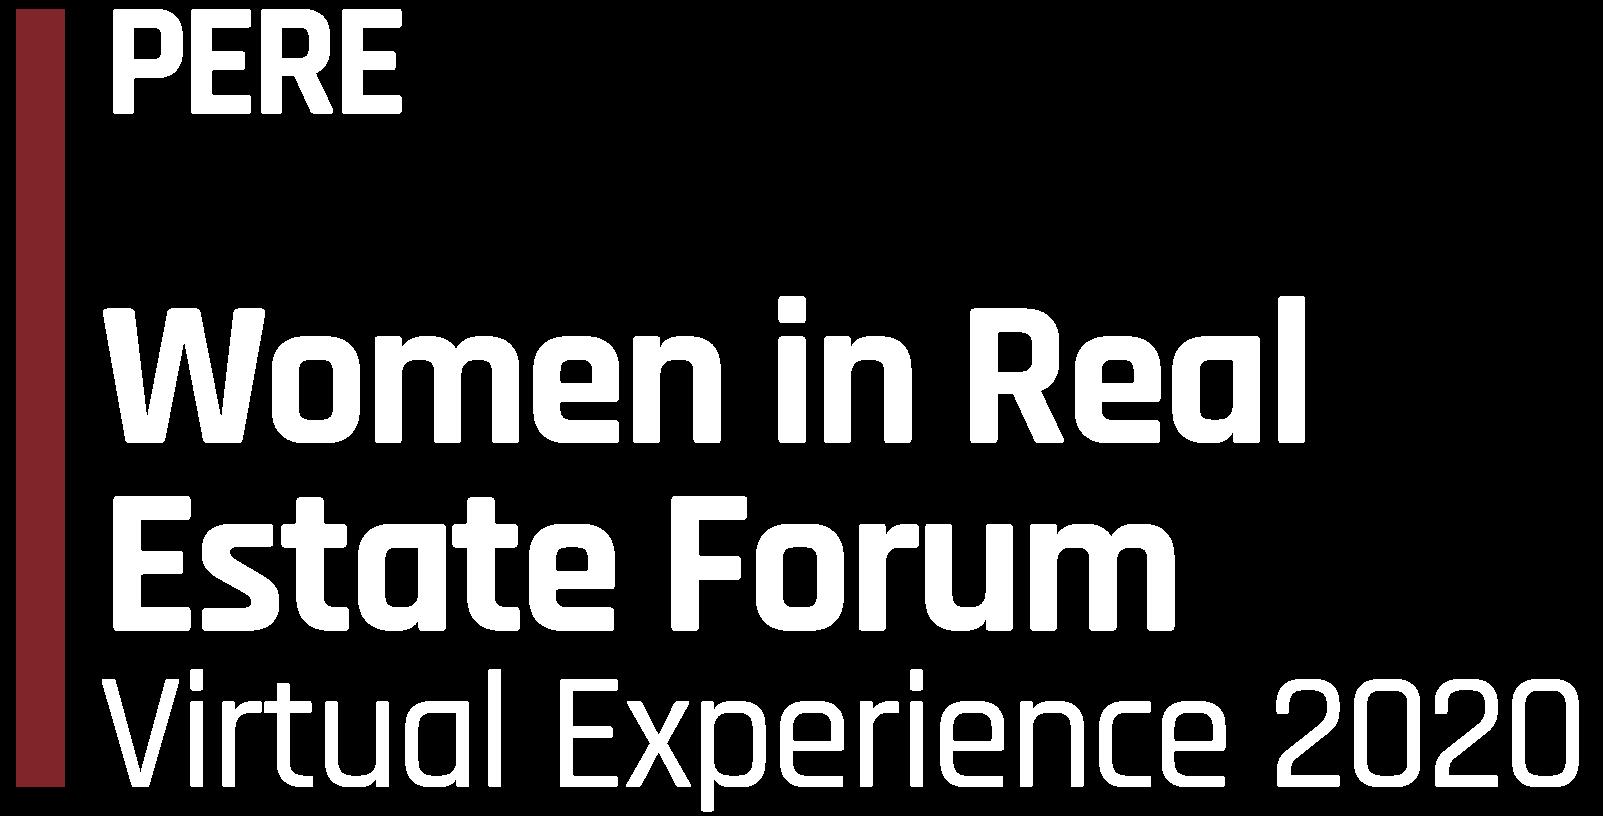 PERE CFO & COO Forum